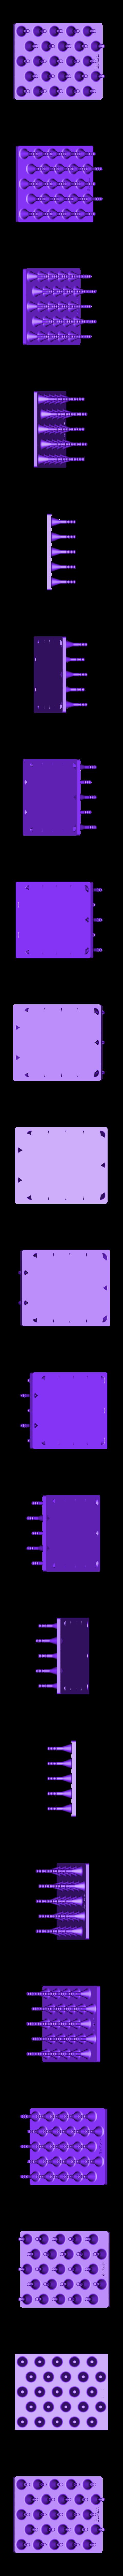 GeoBoard5x5Isometric_A.stl Download free STL file Geoboard, Geometric Board, Cartesian, Isometic, Circular, Geometry, Math • 3D printer object, LGBU